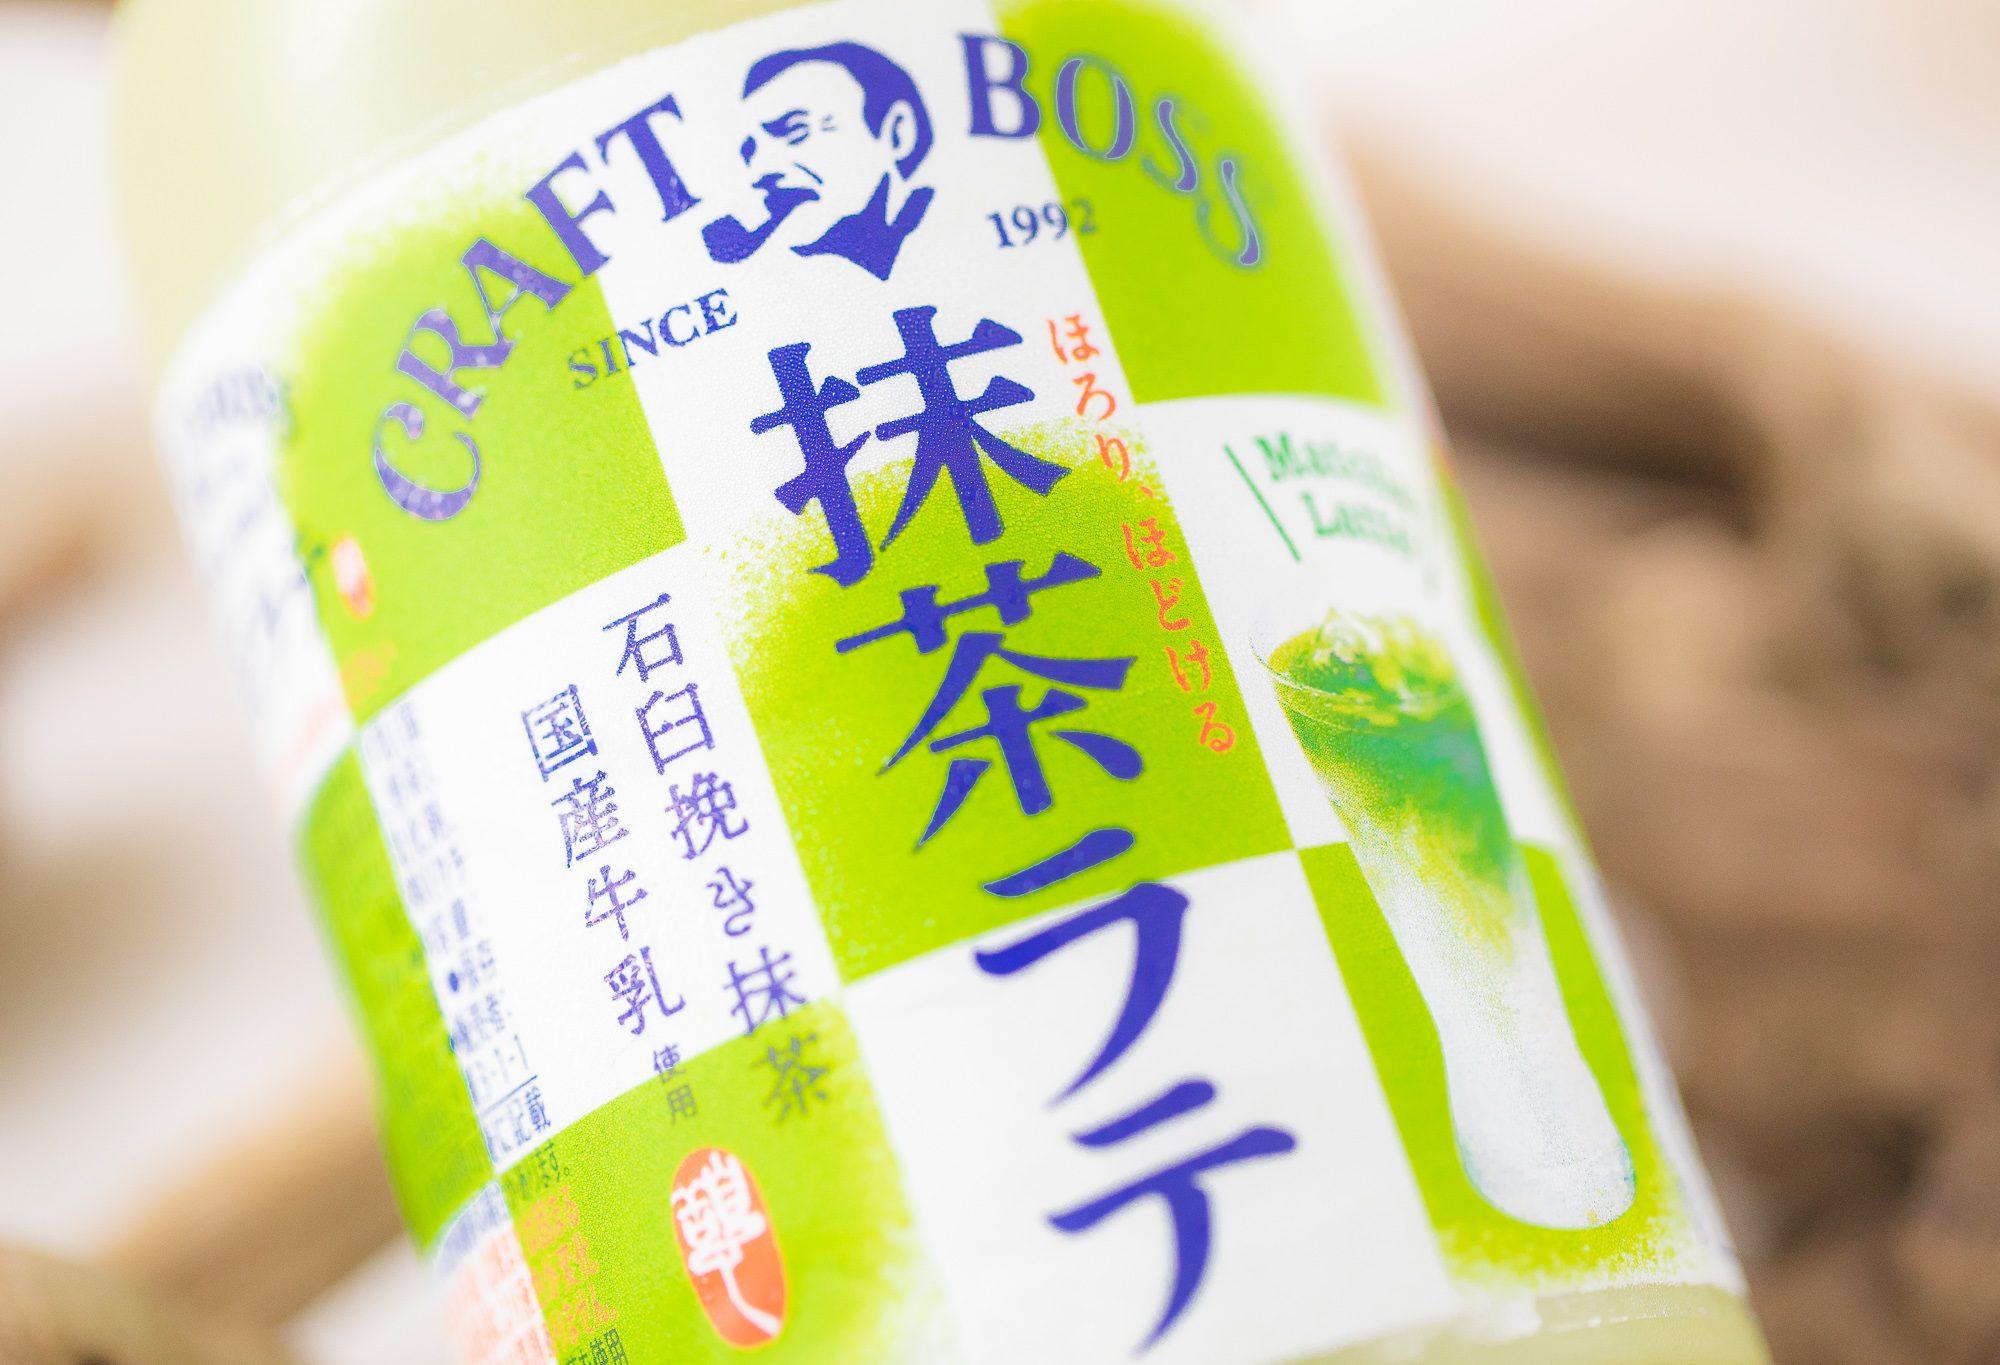 サントリー『クラフトボス 抹茶ラテ』実飲レビュー!ラテらしいミルクのコクをしっかりと味わえる抹茶の香りが引き立った抹茶ラテ◎